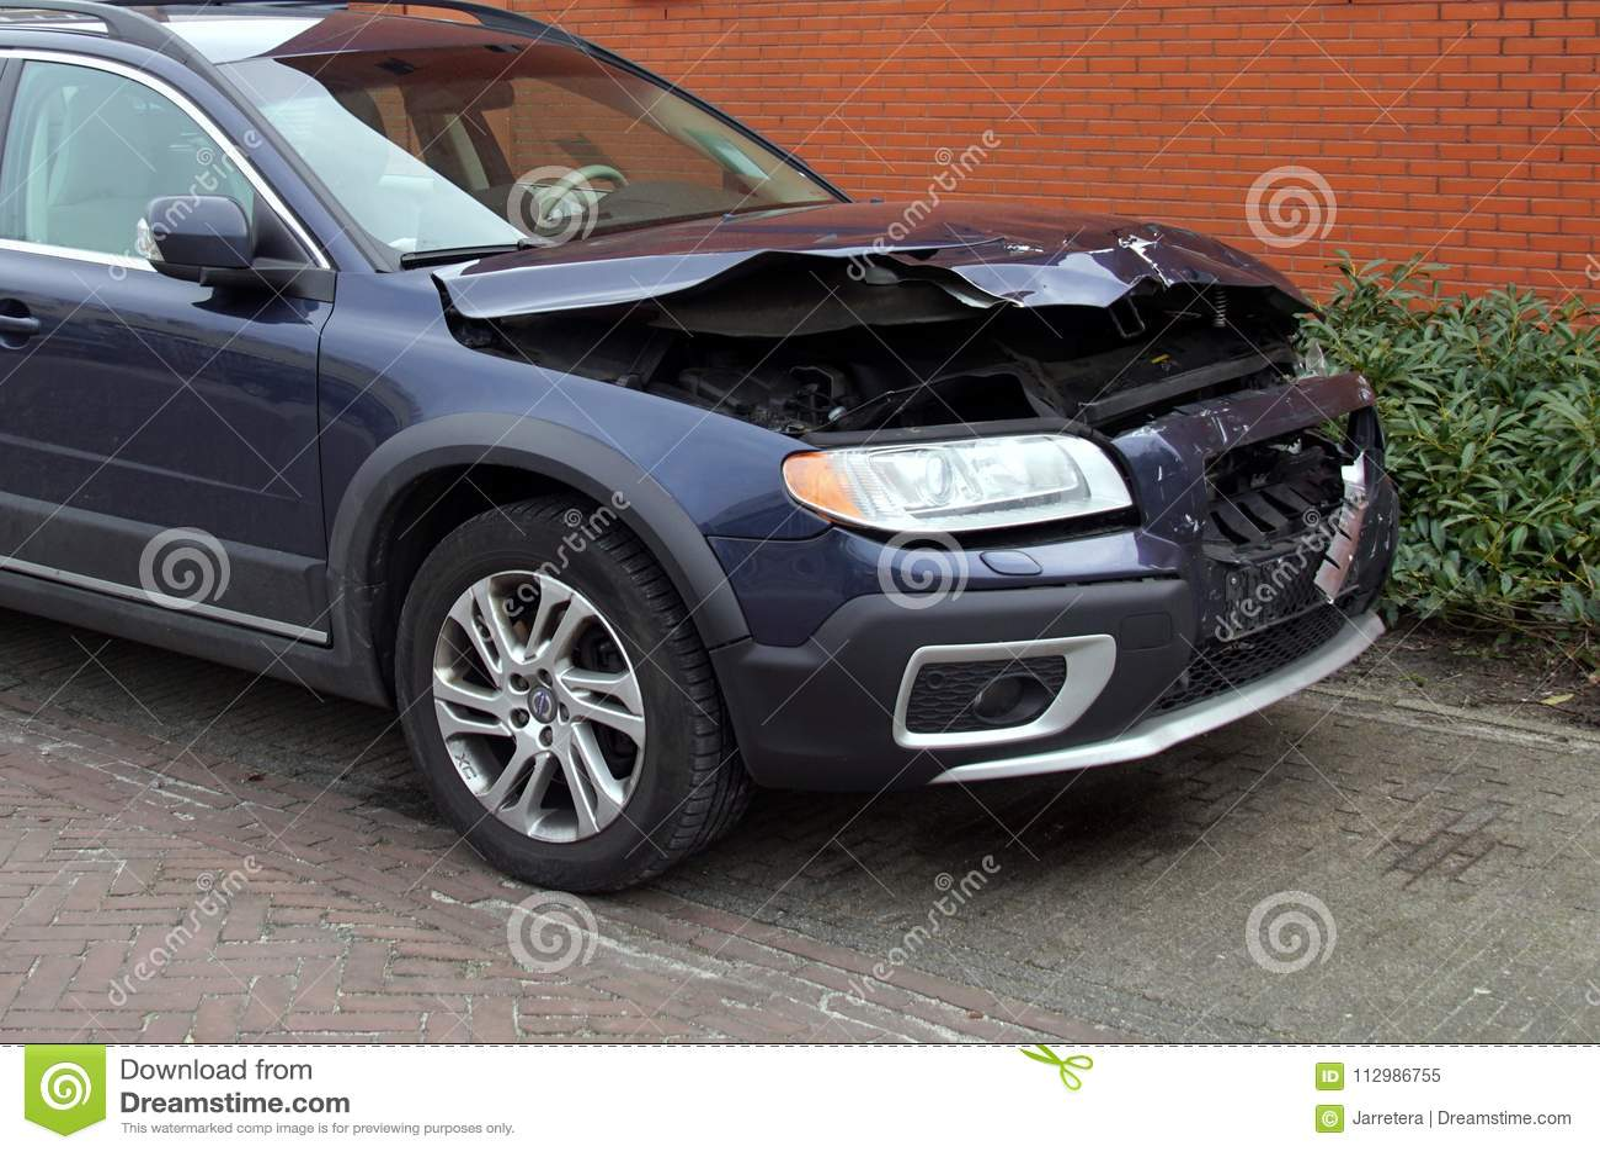 Damaged Volvo v70 after a collision